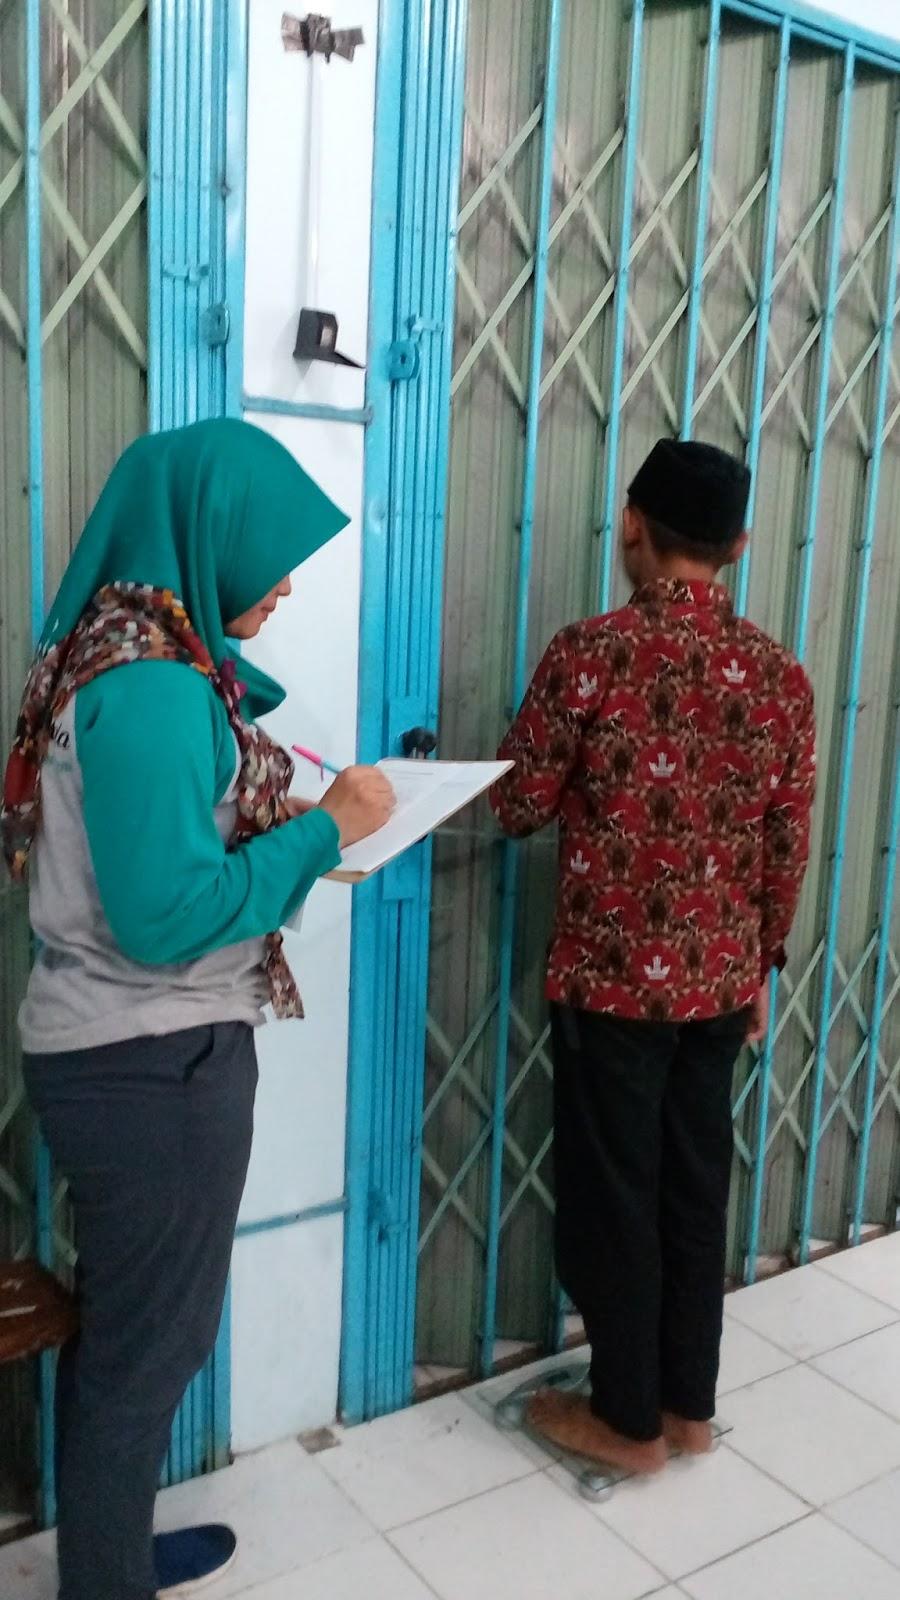 Pendaftaran Sekolah Kedinasan STMKG 2018: Syarat, Jadwal dan Kuota